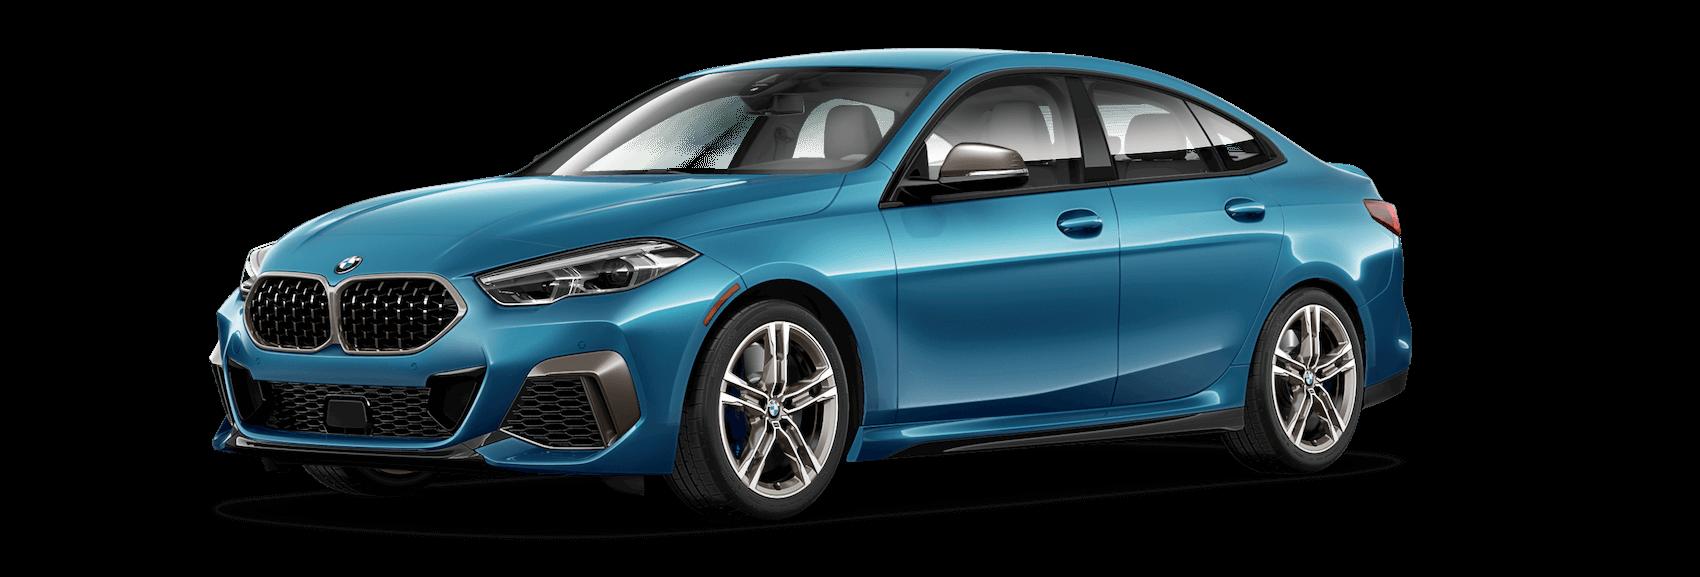 BMW 2 Series 4 Door Review